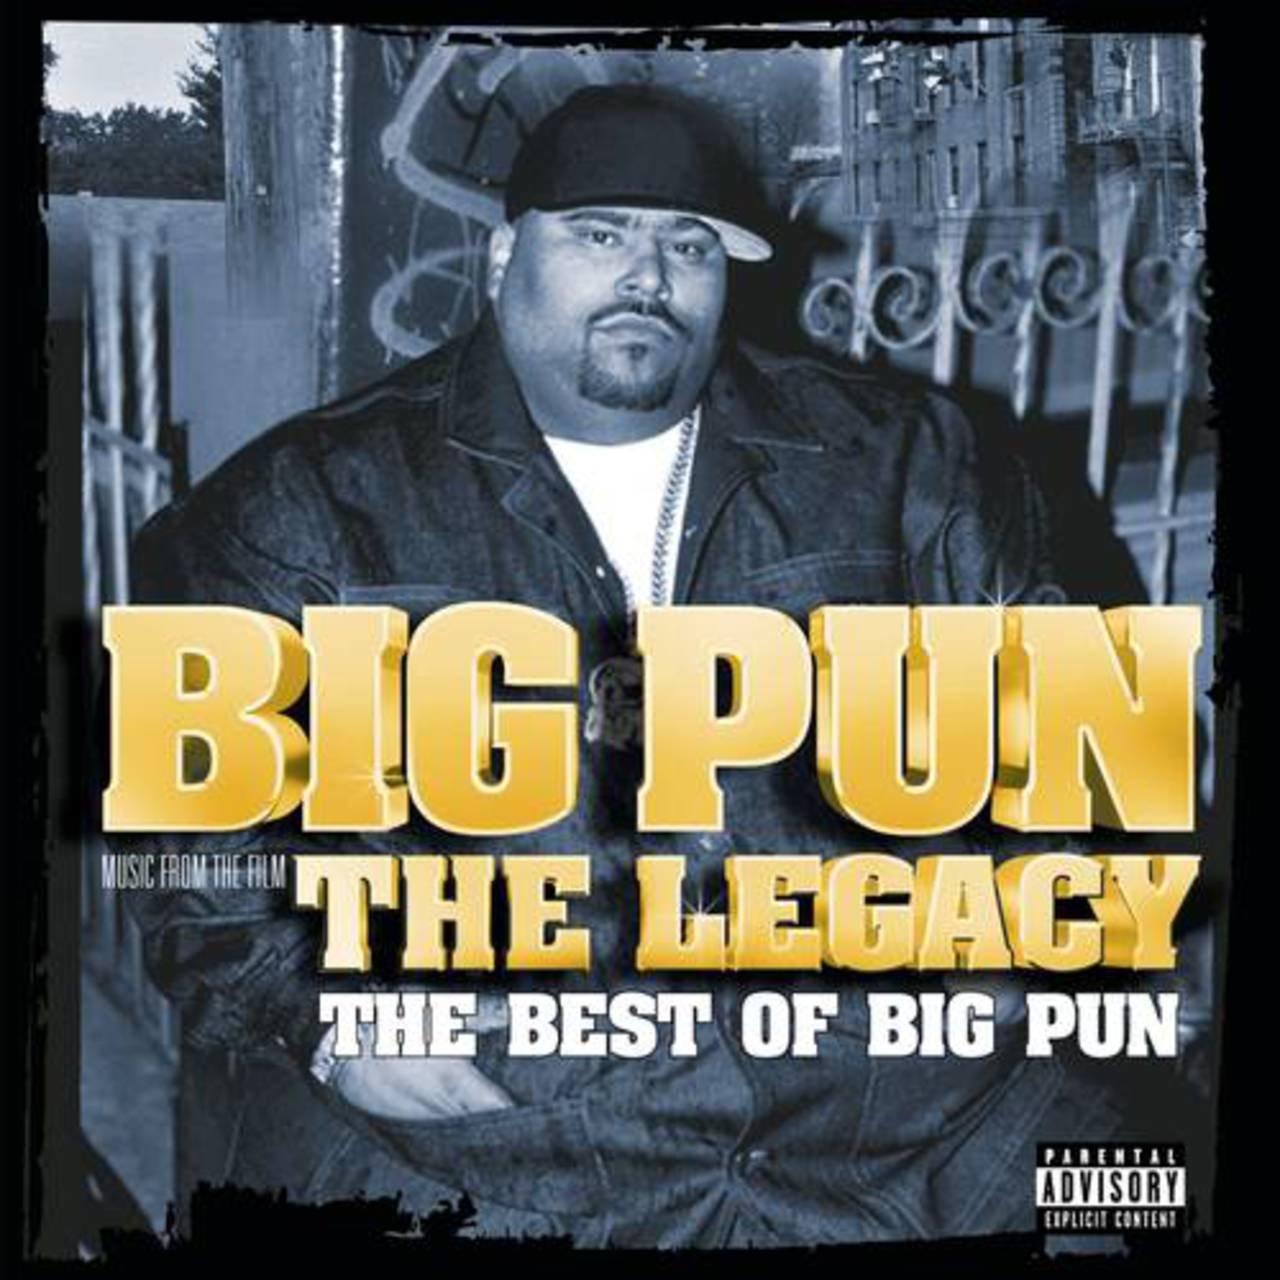 Big pun endangered species free album download.